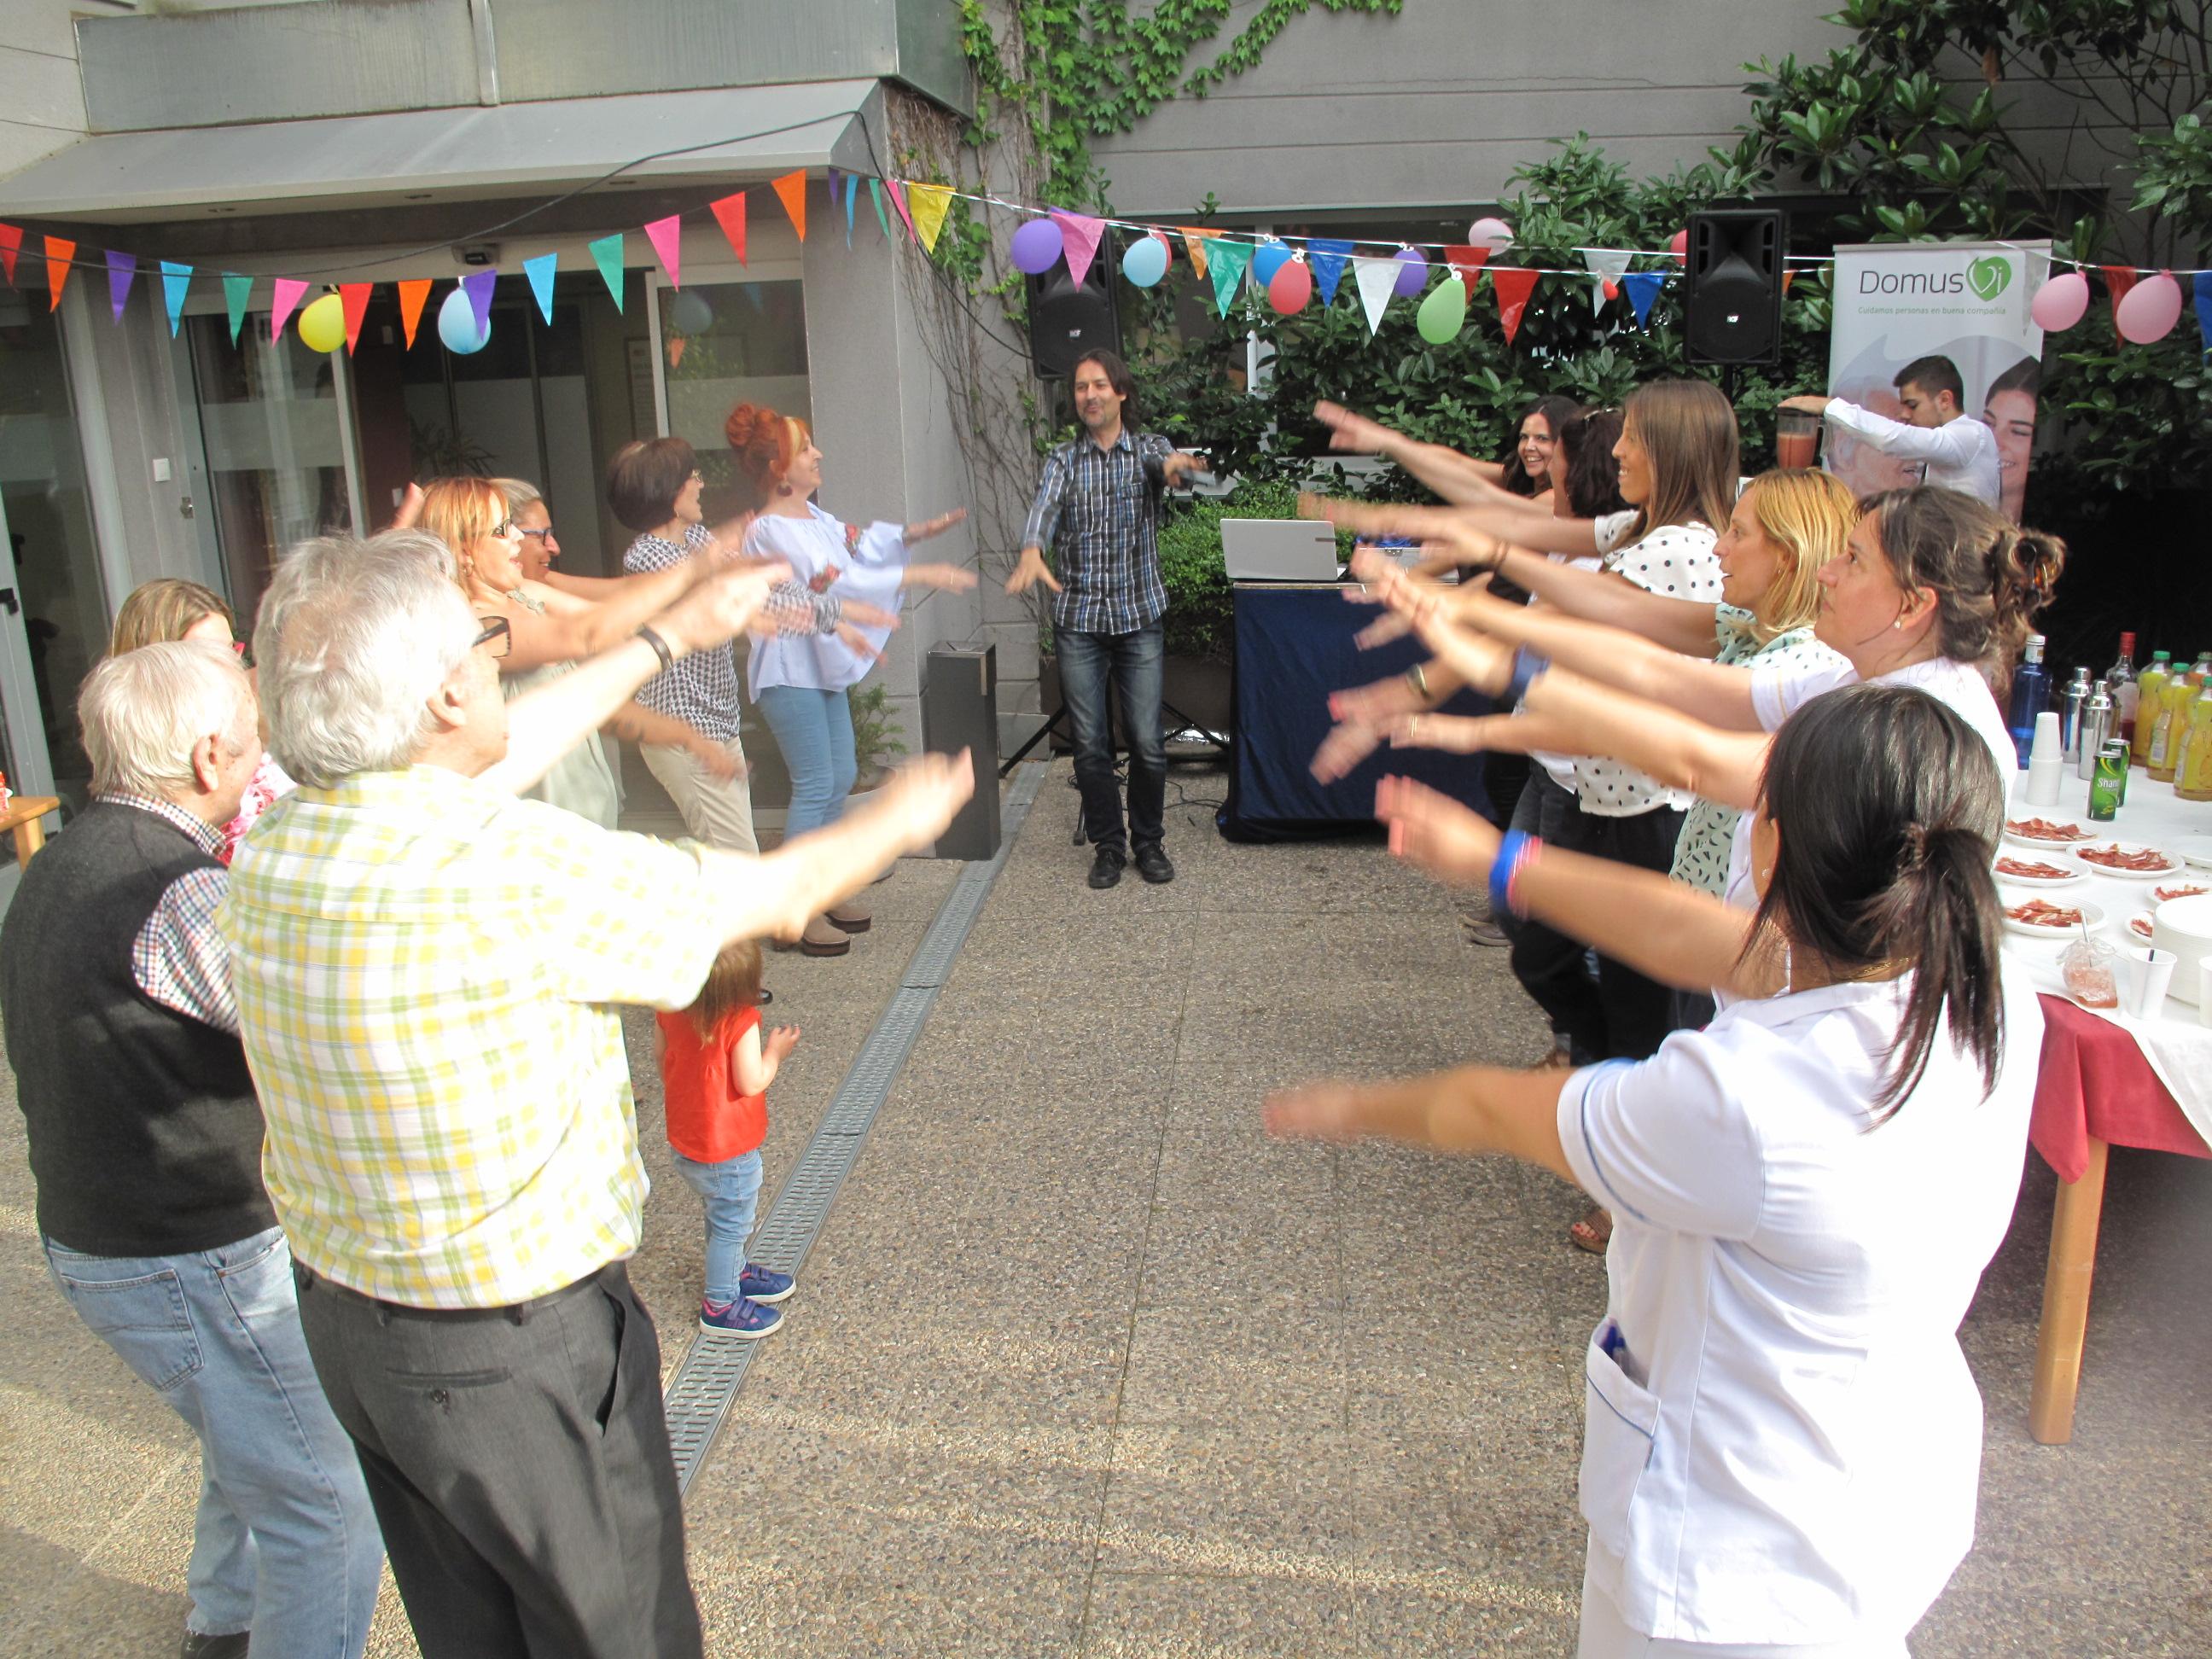 IMG_7967_foto bailando equipo